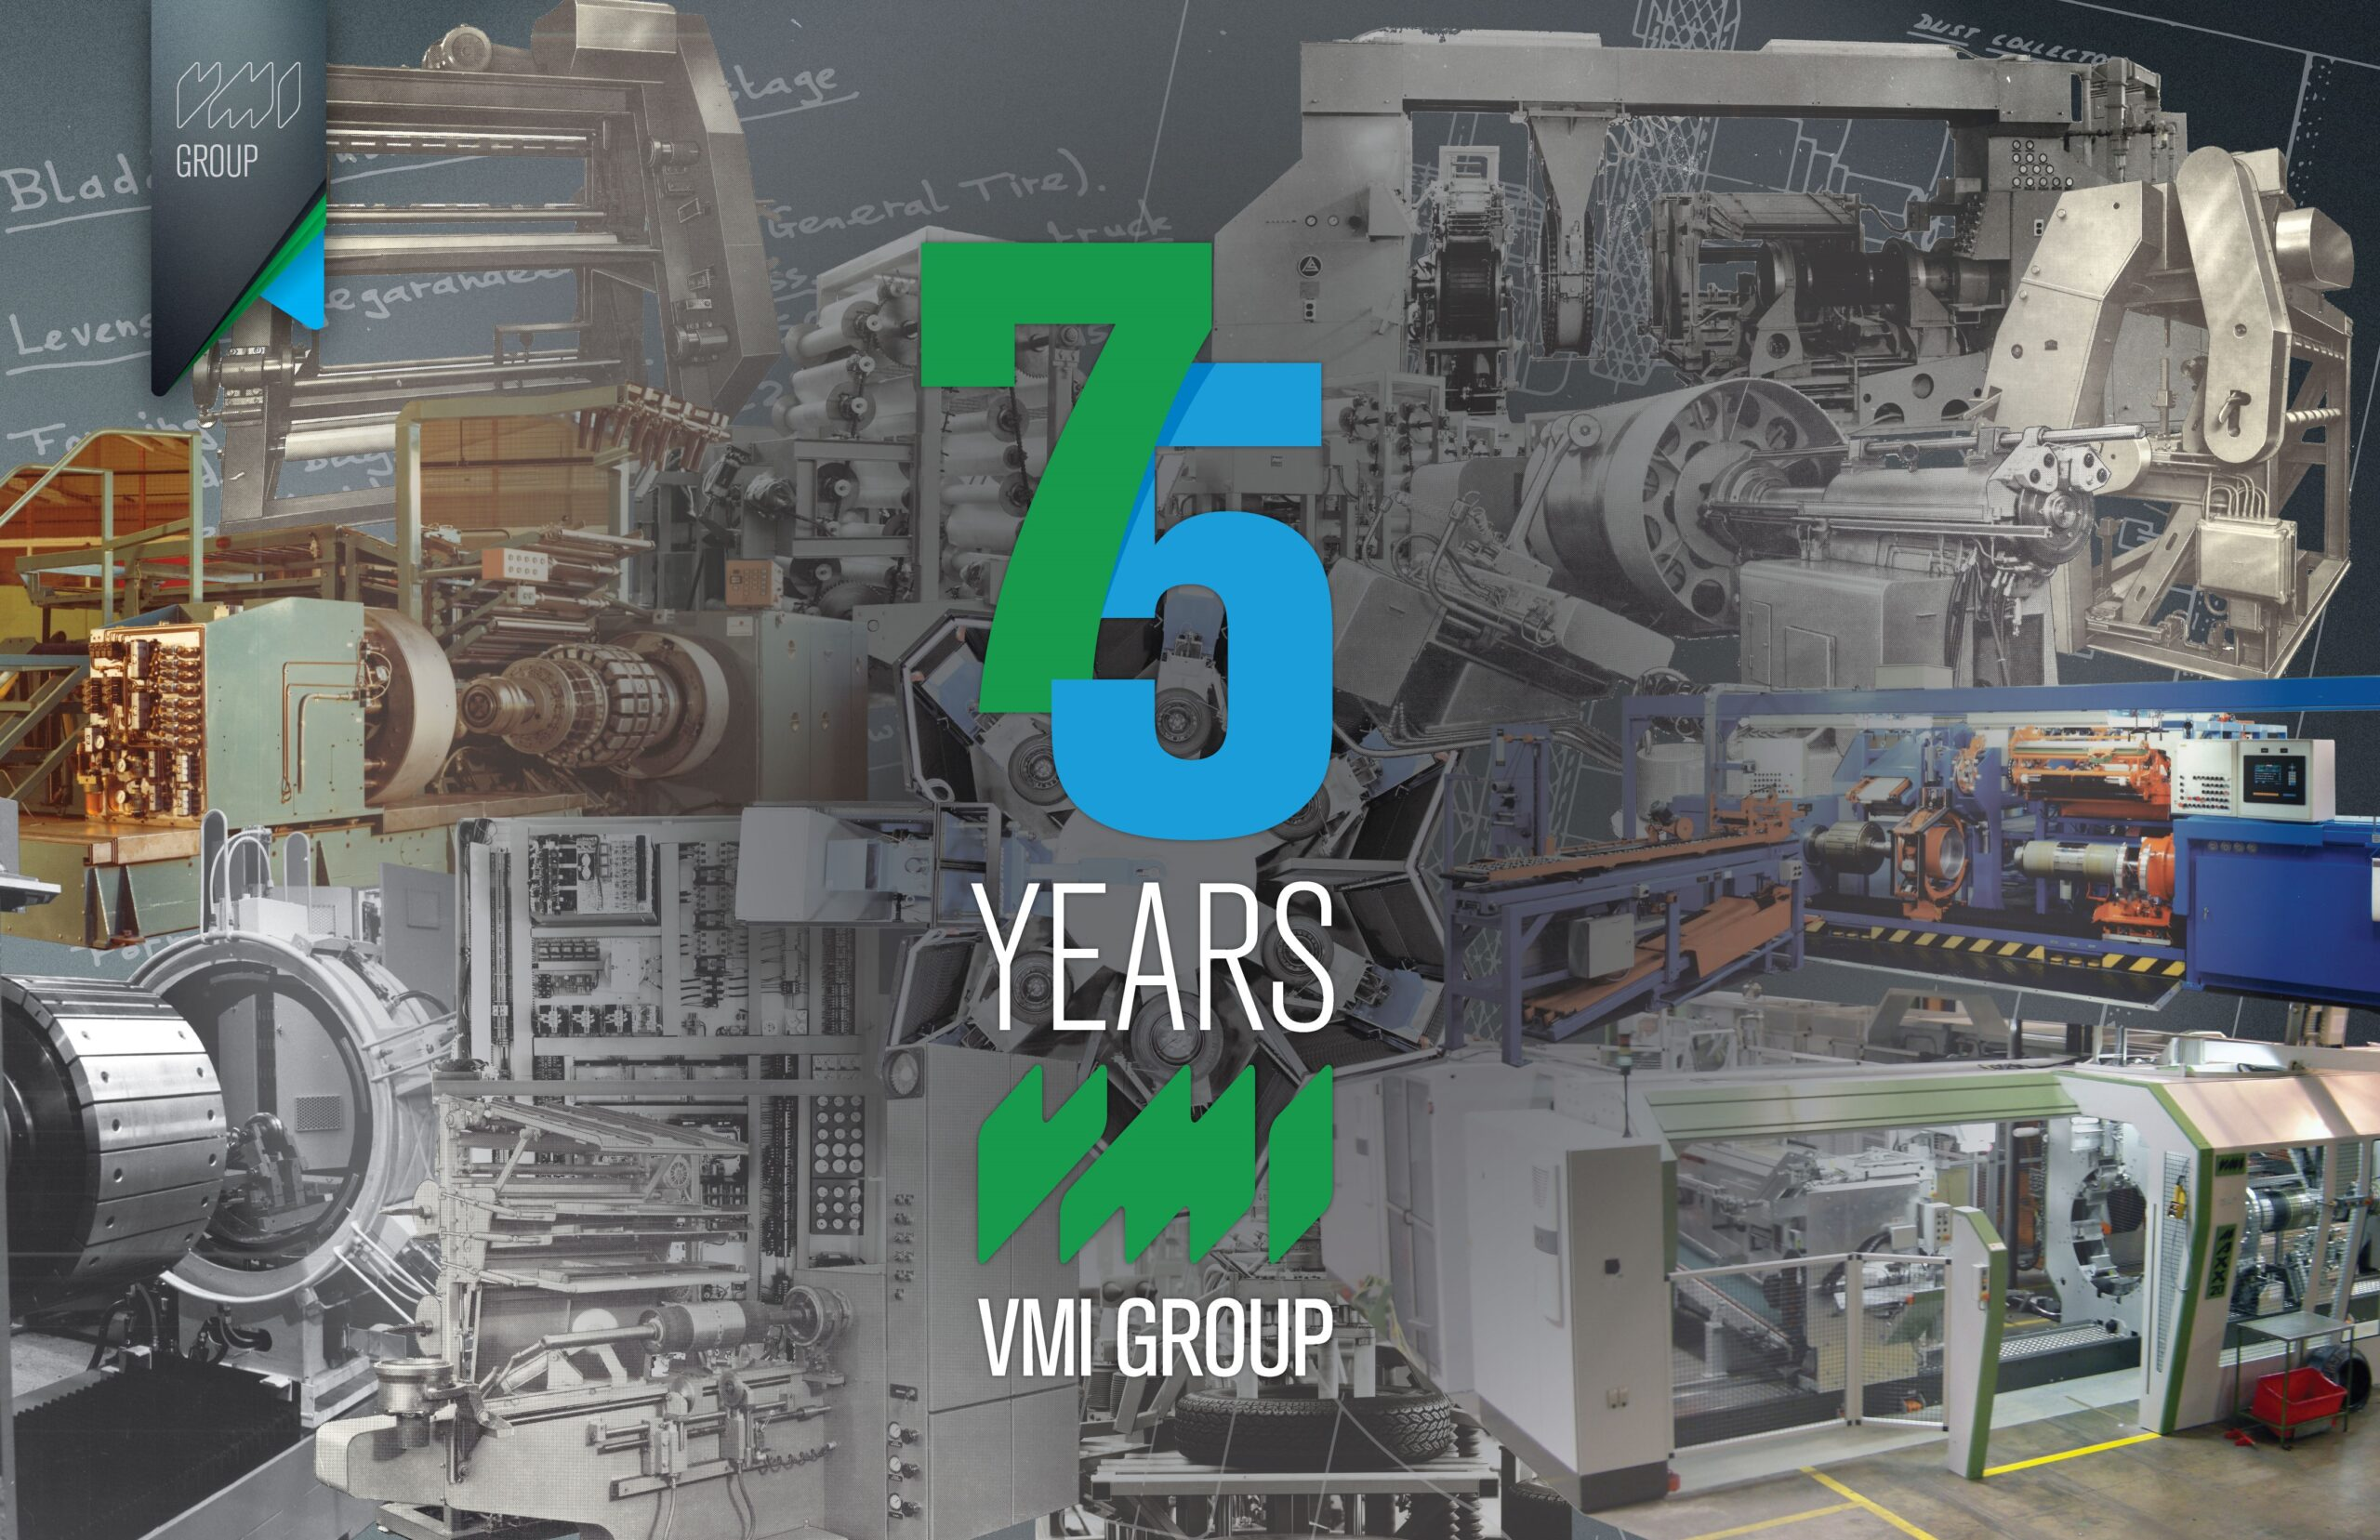 https://www.vmi-group.com/vmi-data/uploads/2020/10/VMI75-1-scaled.jpg